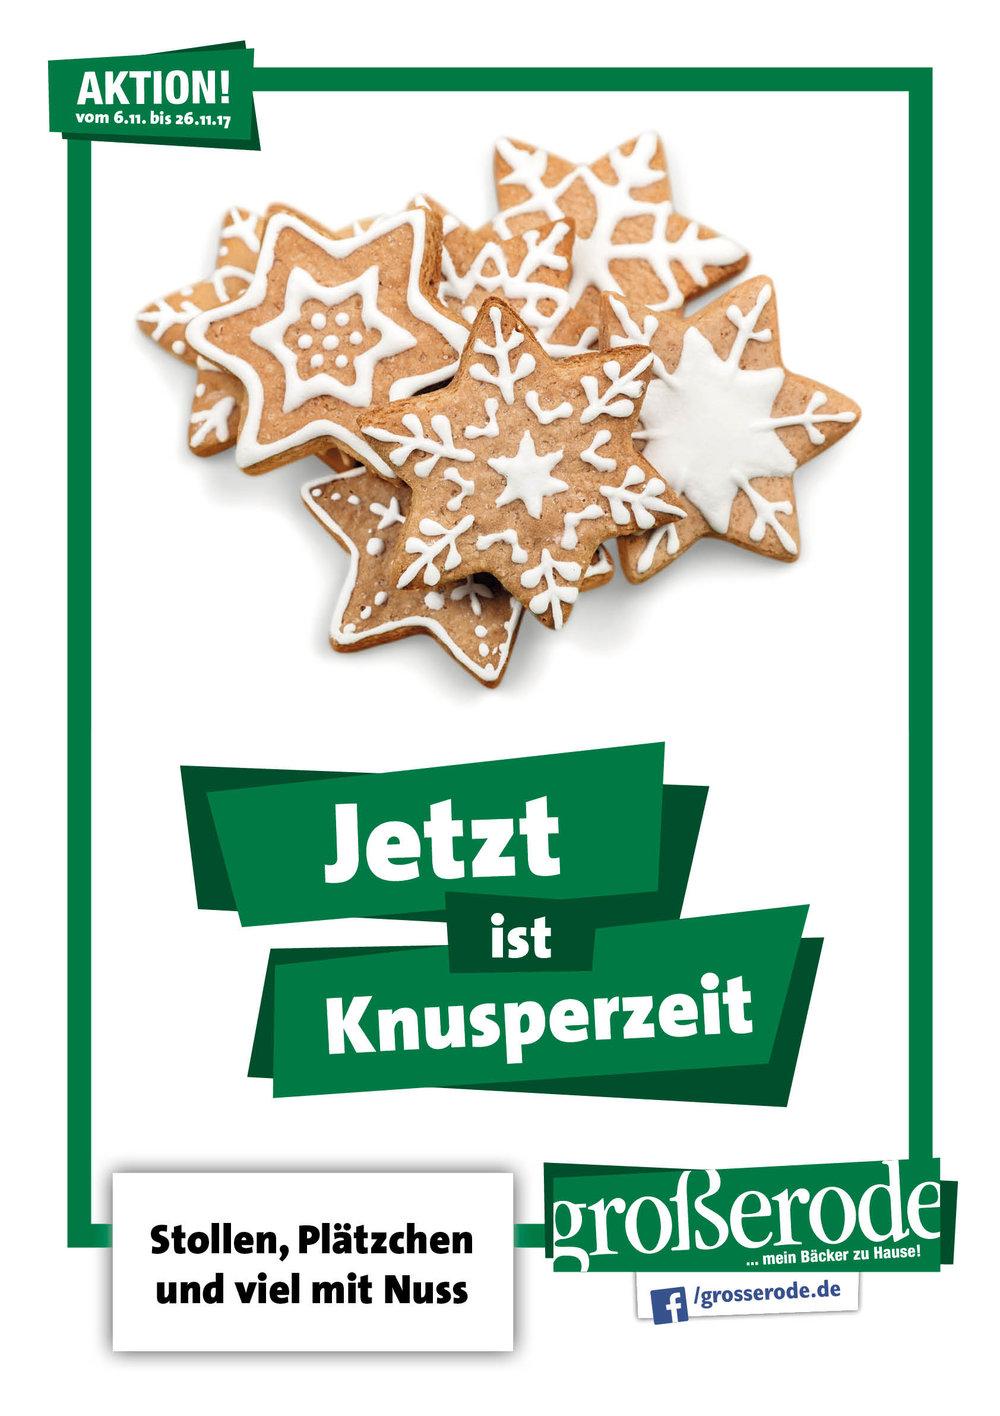 20171019_Grosserode_Knusperzeit_Plakat_Web_Plätzchen.jpg